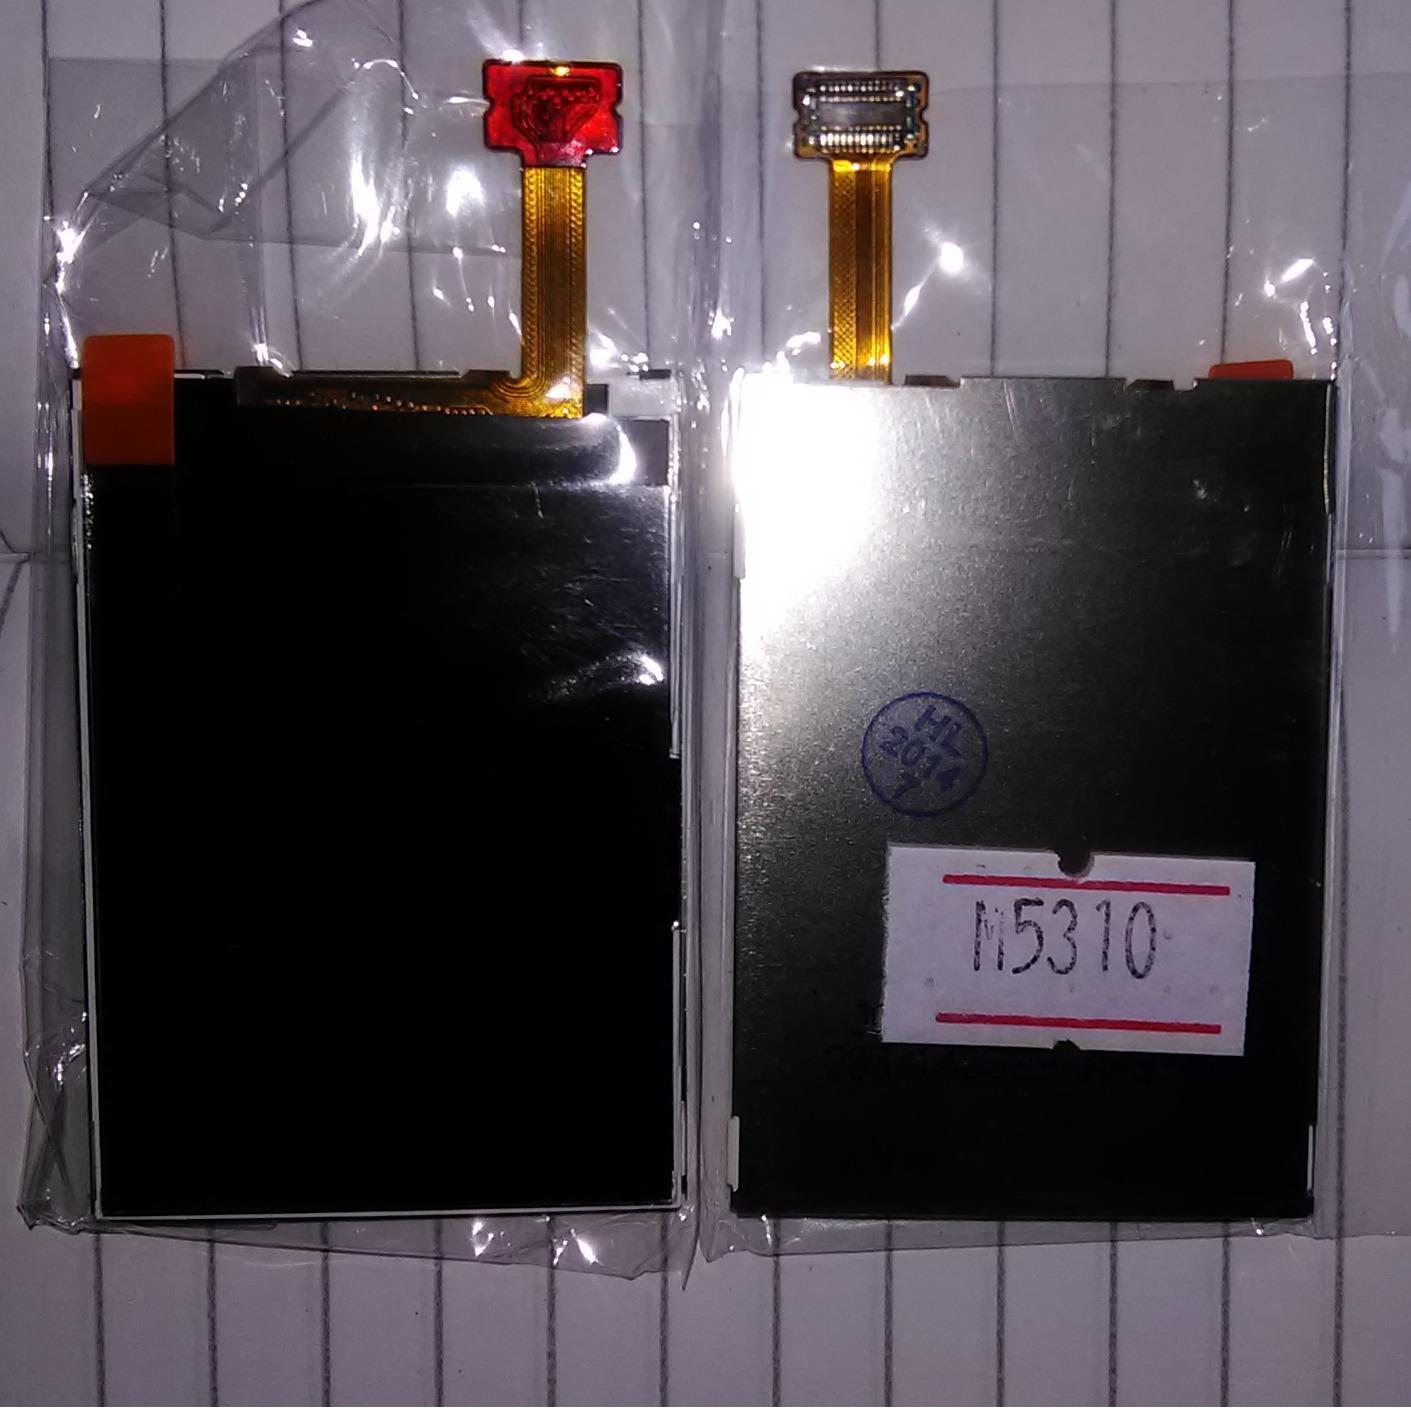 Fitur Casing Full Set Nokia 3600s Key Hitam Dan Harga Terbaru Info 2630 Lcd Layar Display 5310 3210c 5320 6120c 6300 6350 6500c 6555 7500 8600